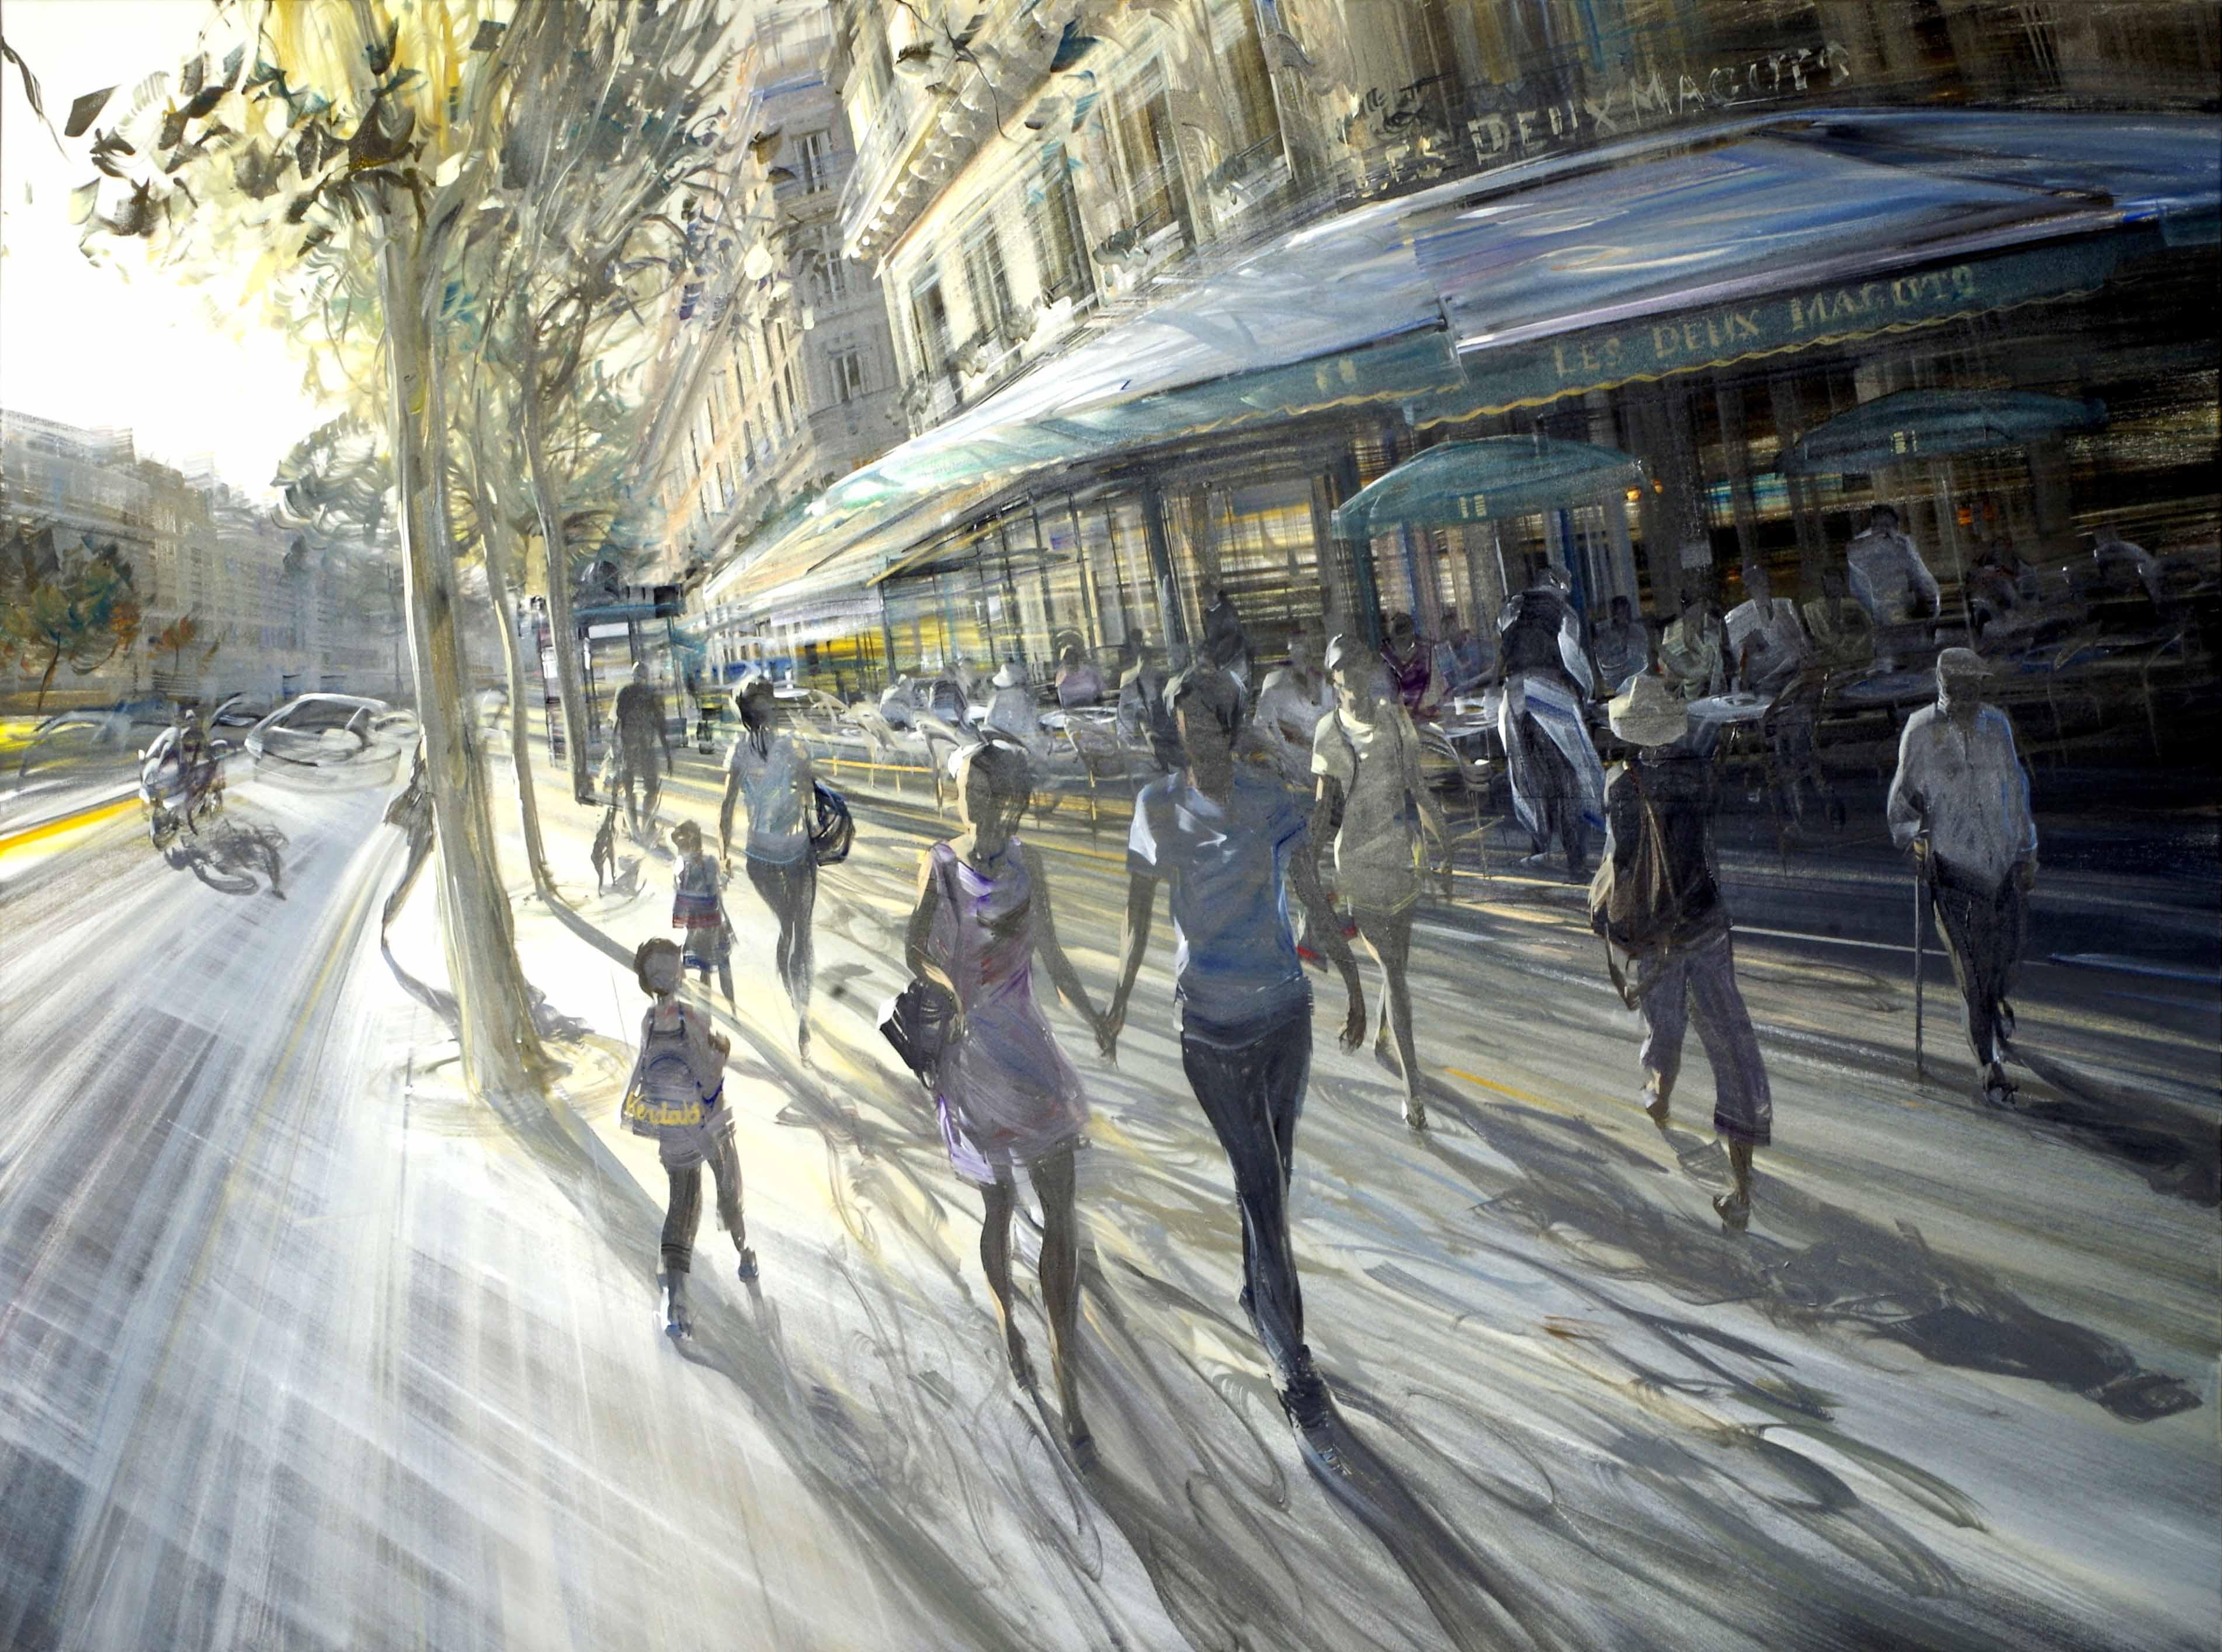 kerdalo artiste peinture café les deux magots paris